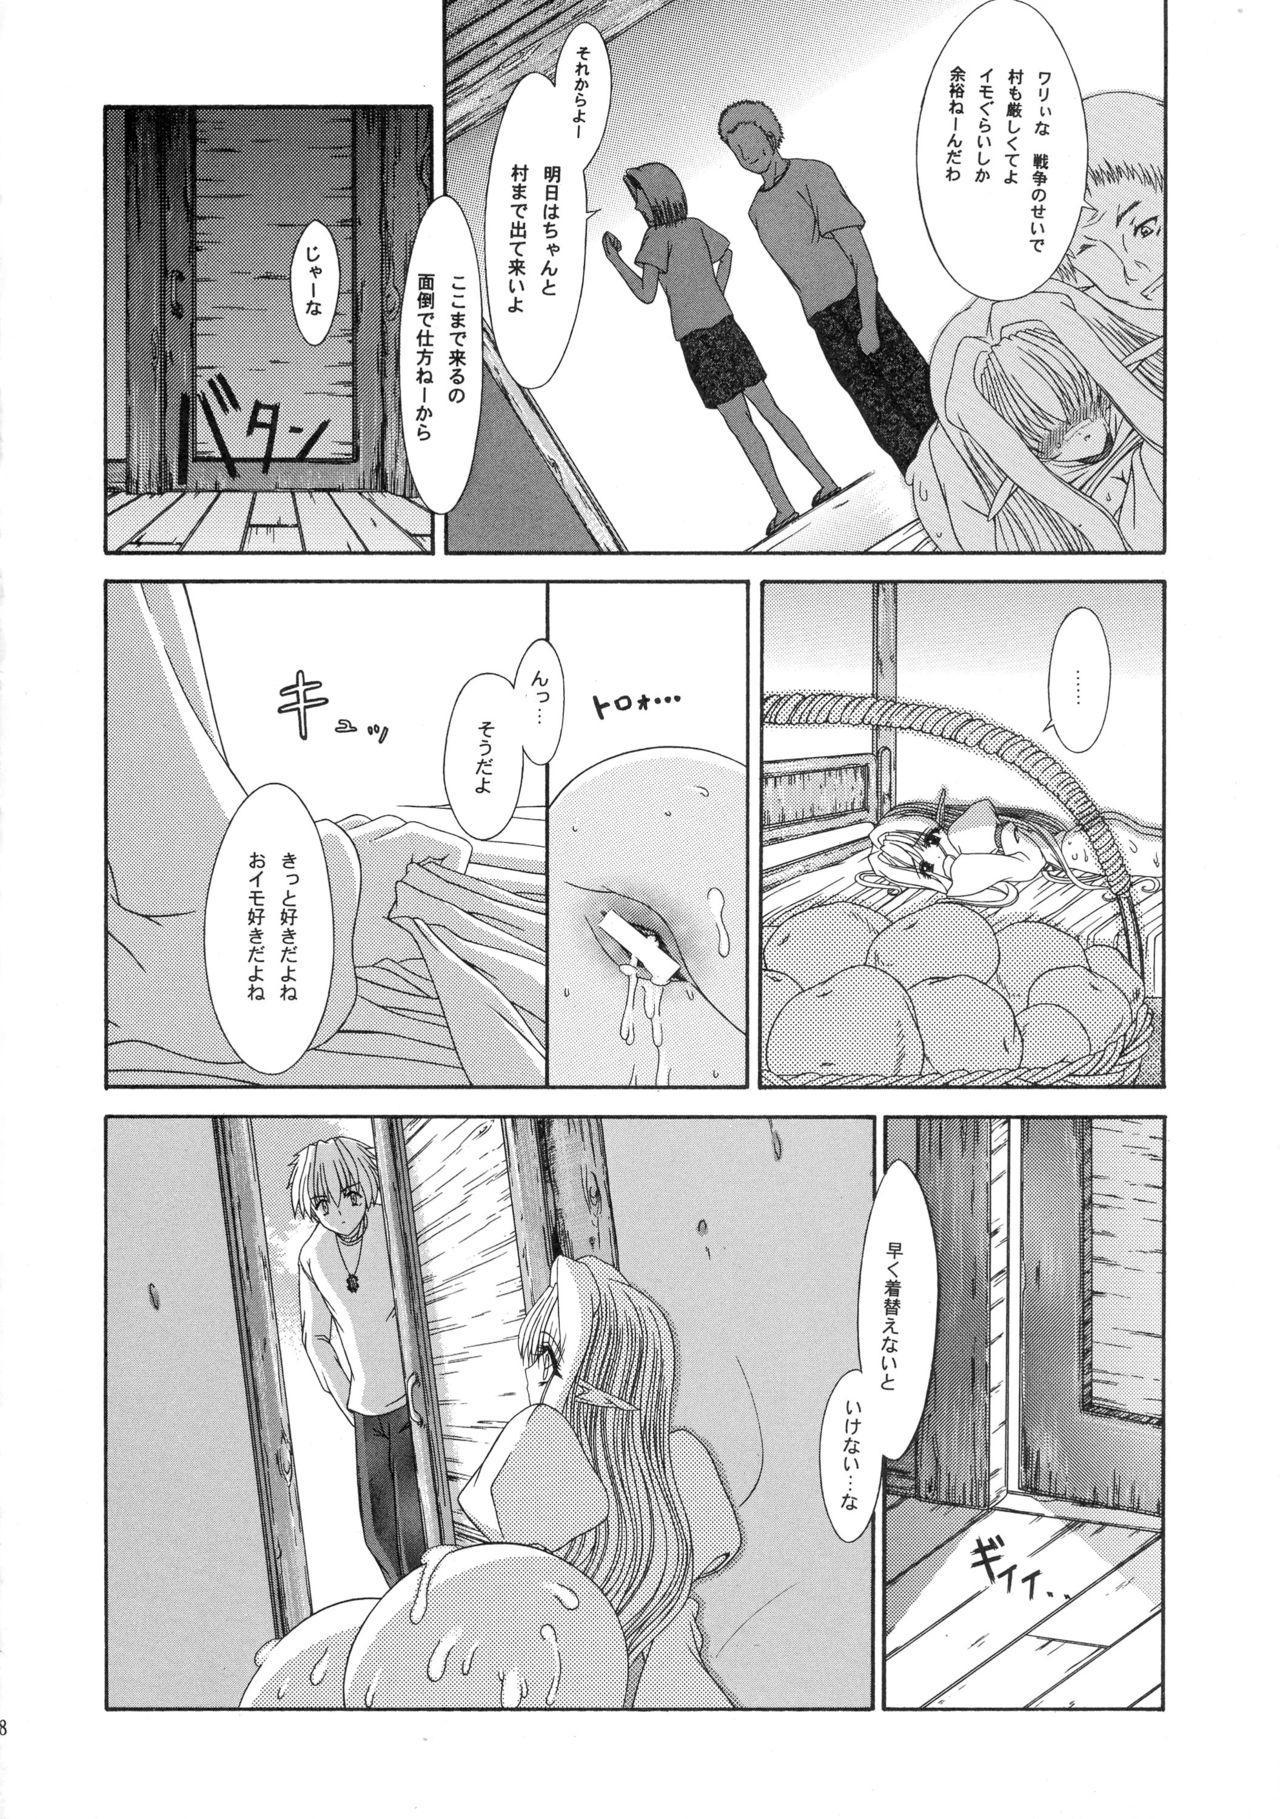 Haiiro no Gensoukyoku 16